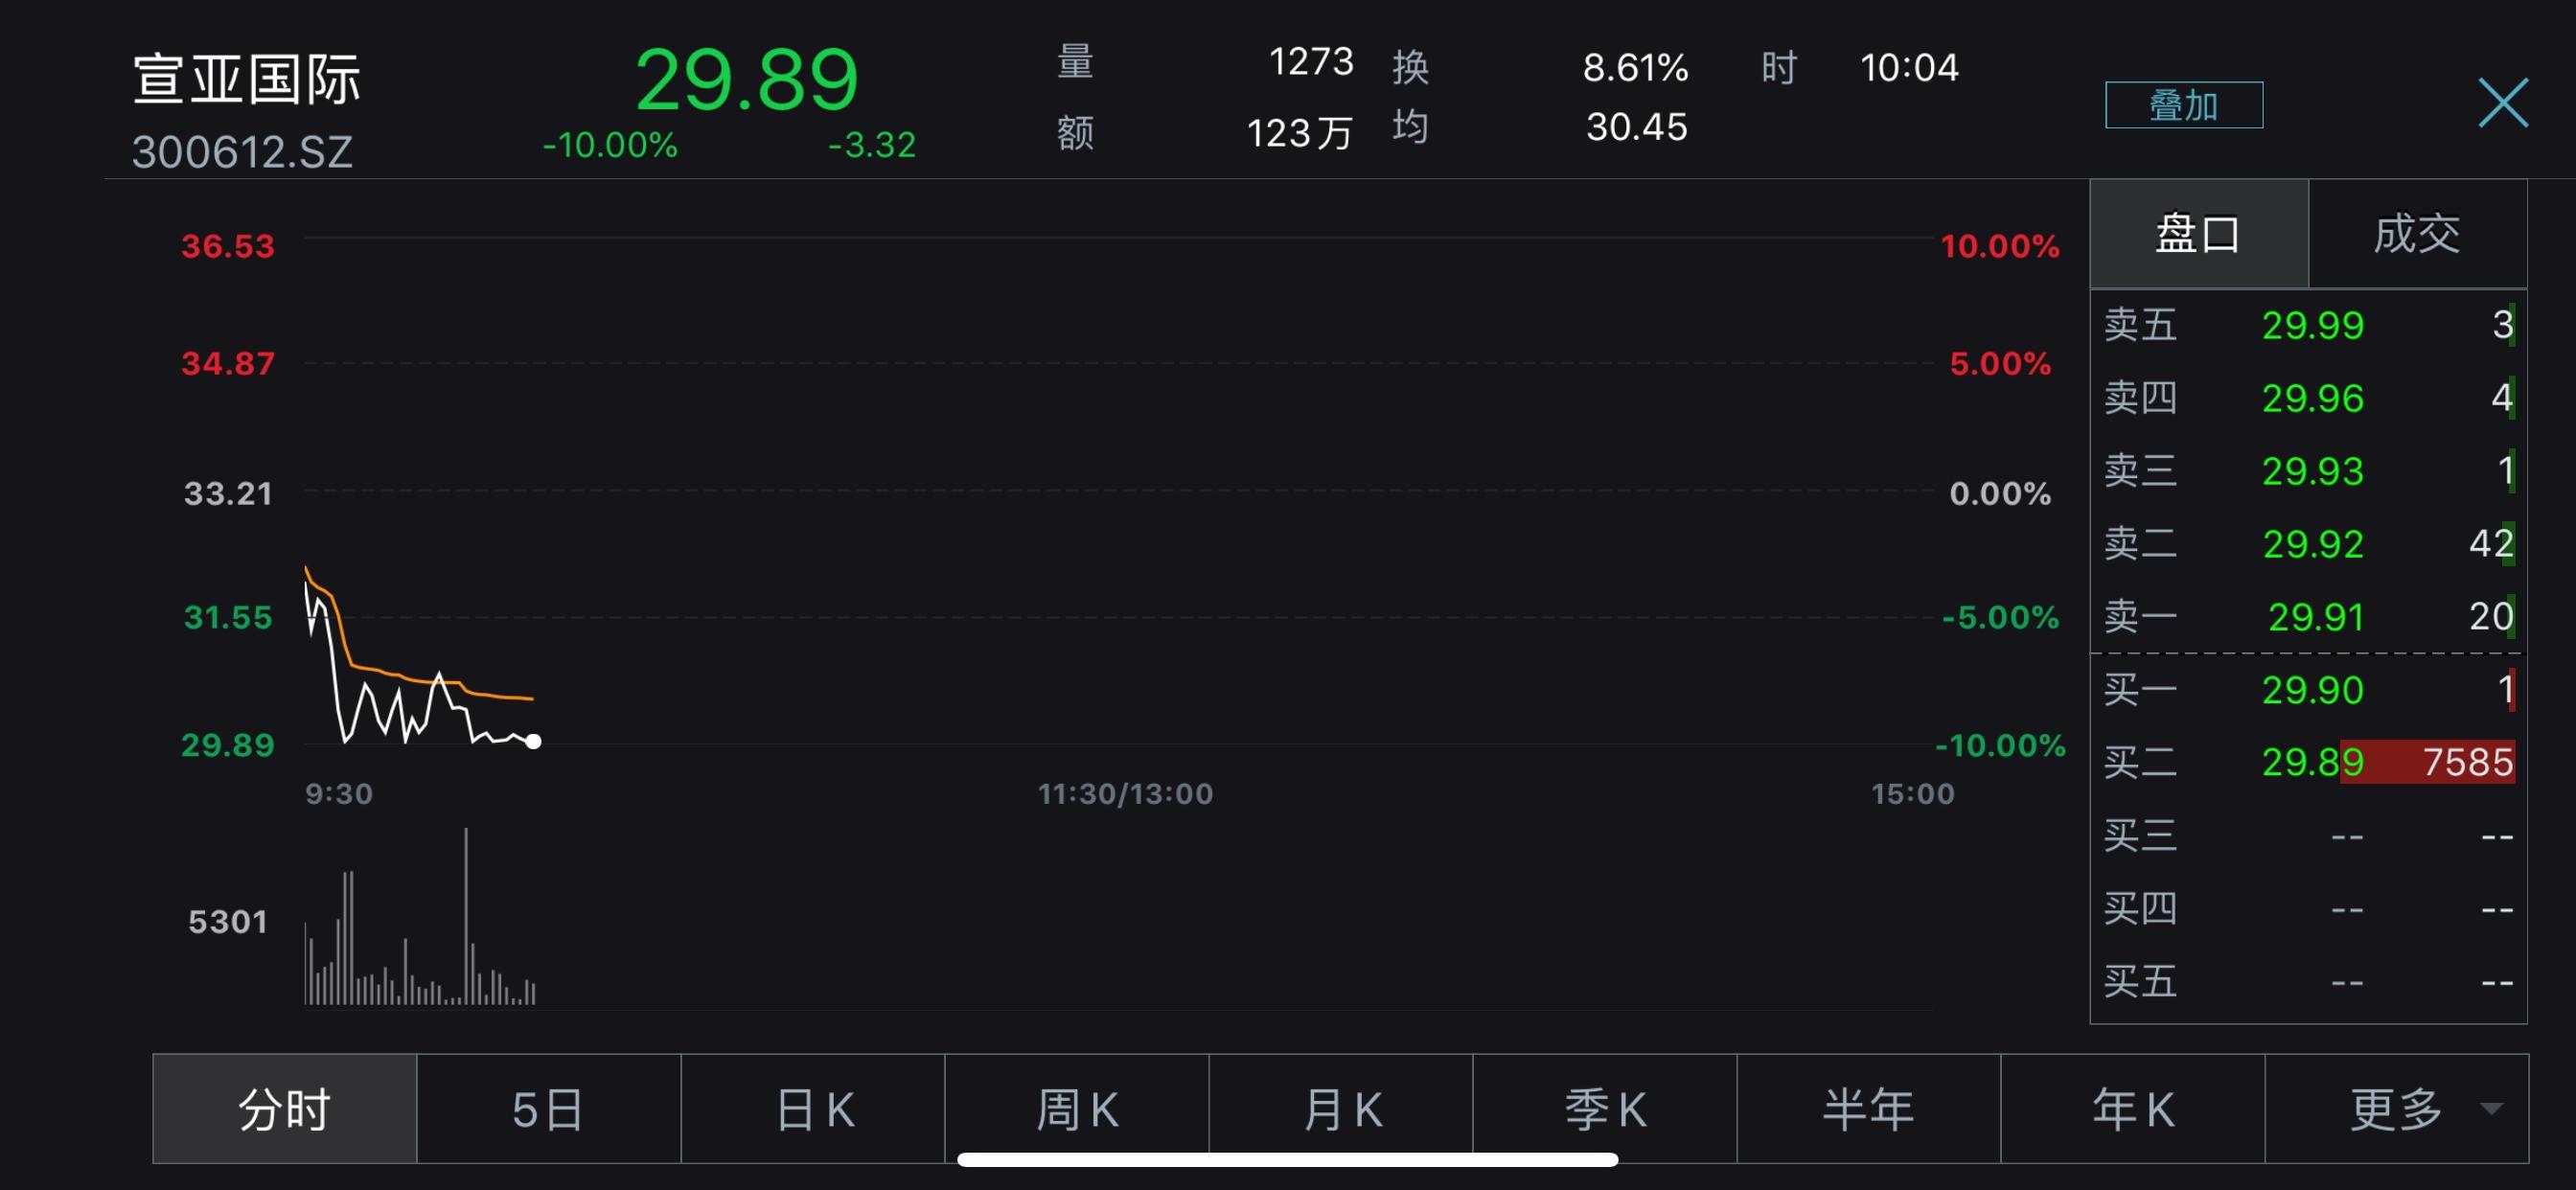 九天六涨停遭监管关注 字节跳动概念股宣亚国际盘中跌停